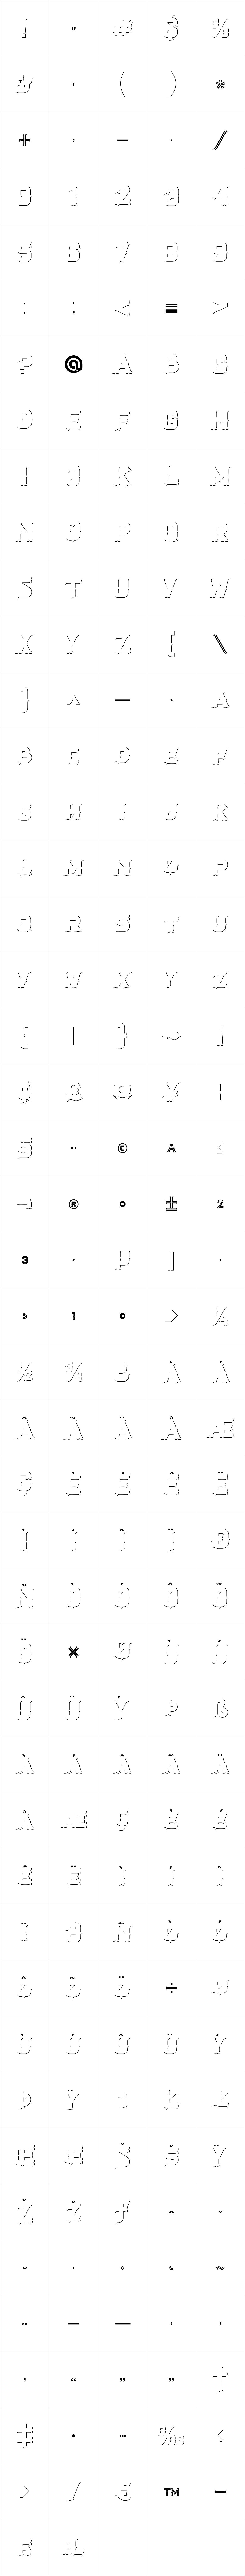 Dacota Typeface Dropline